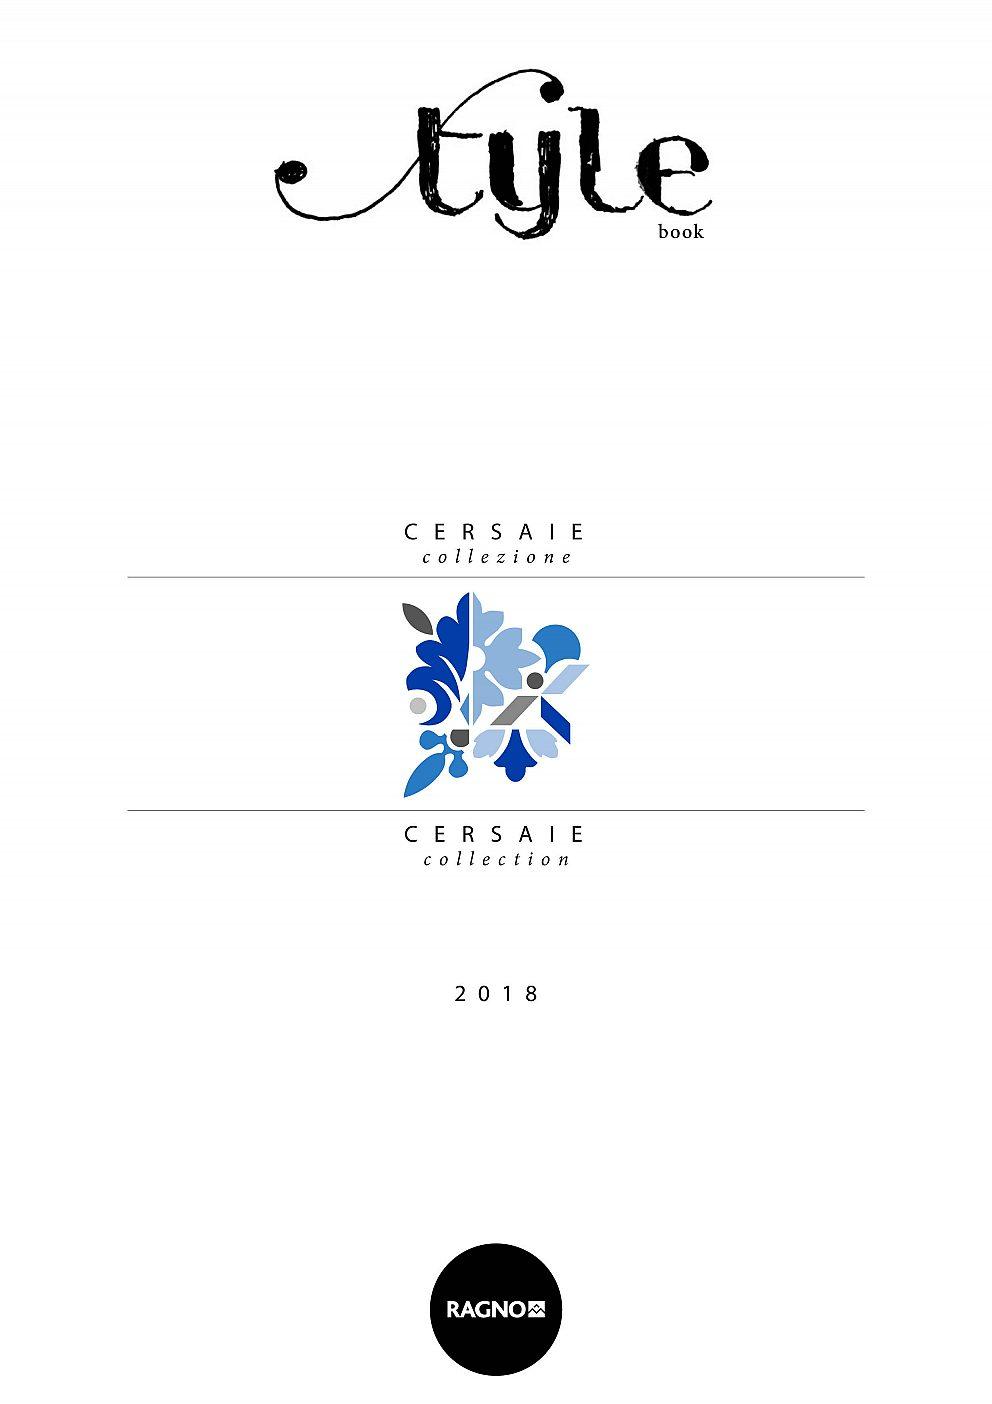 Ragno - Cersaie 2018